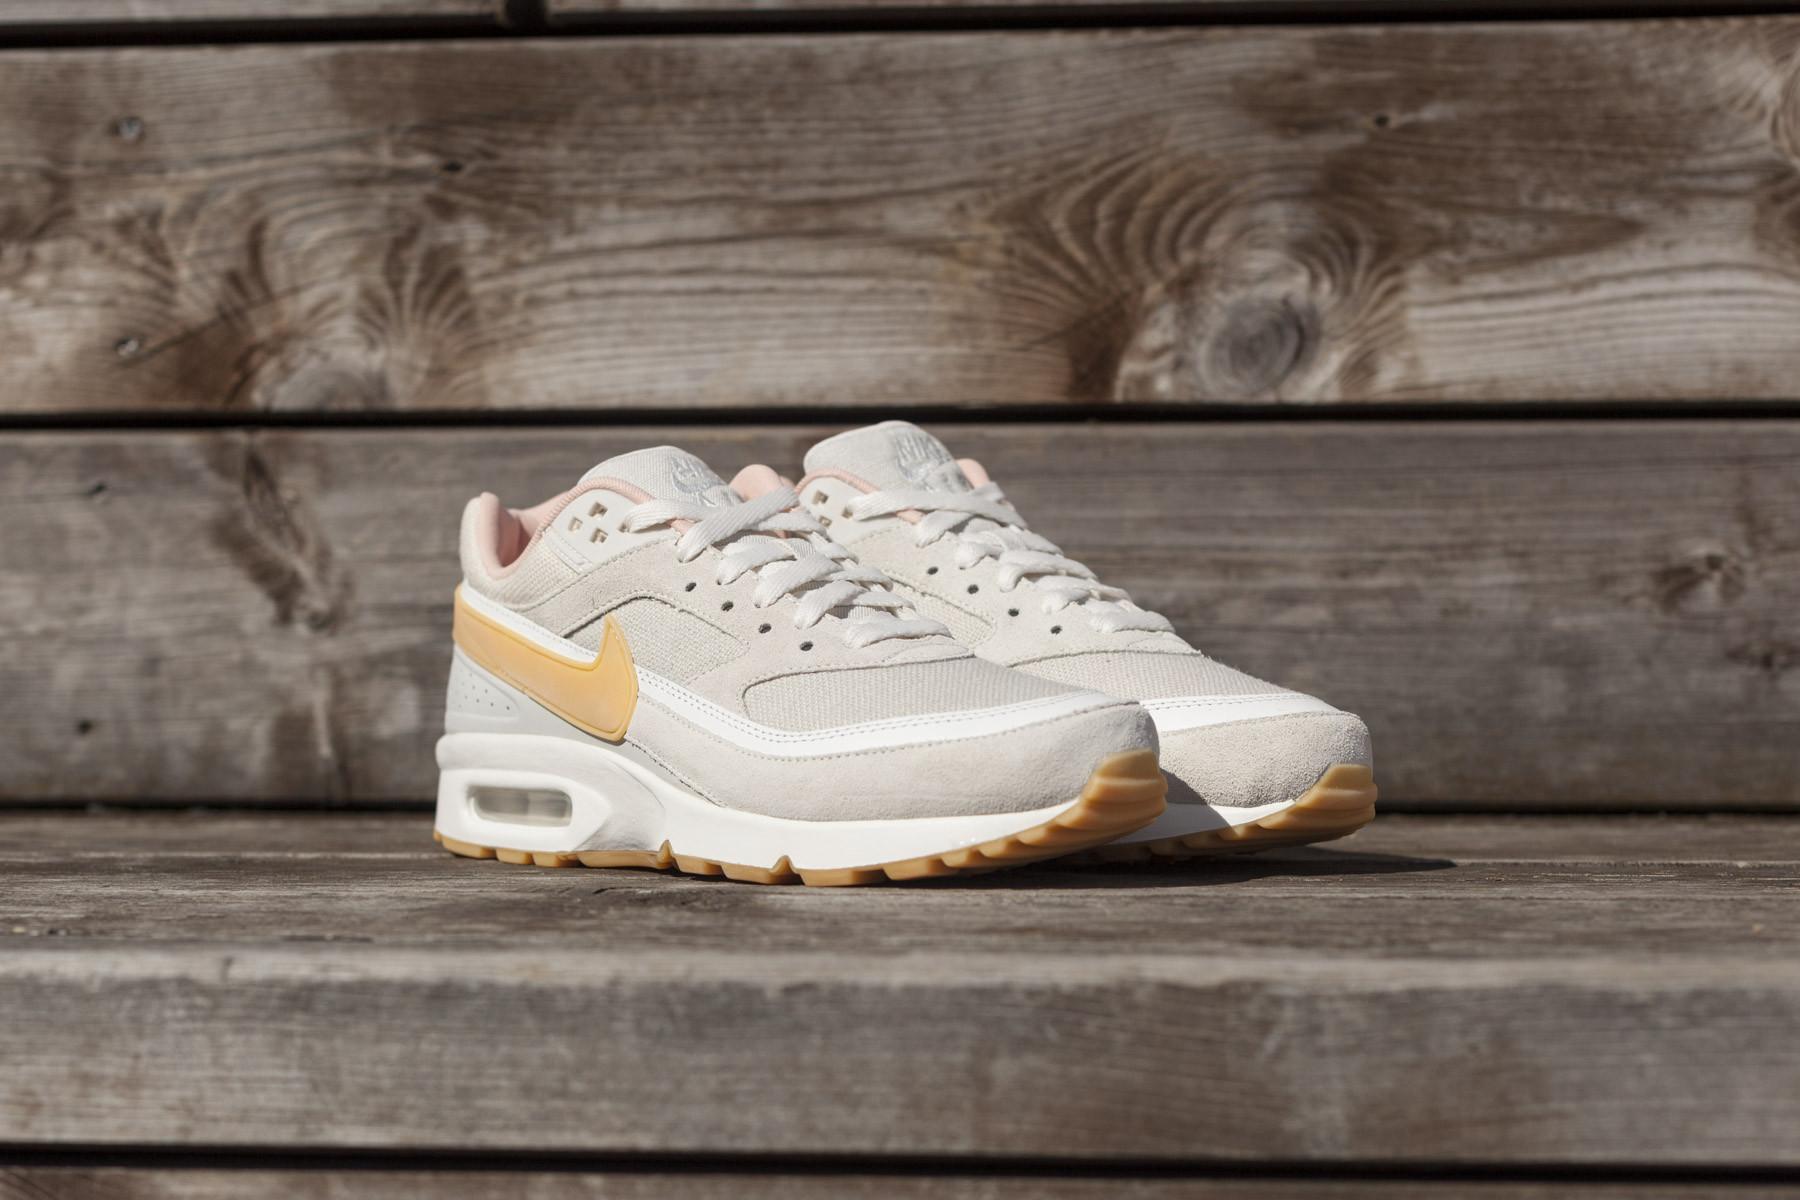 Nike Air Max 95 Premium SE   Gray   Sneakers   924478 002